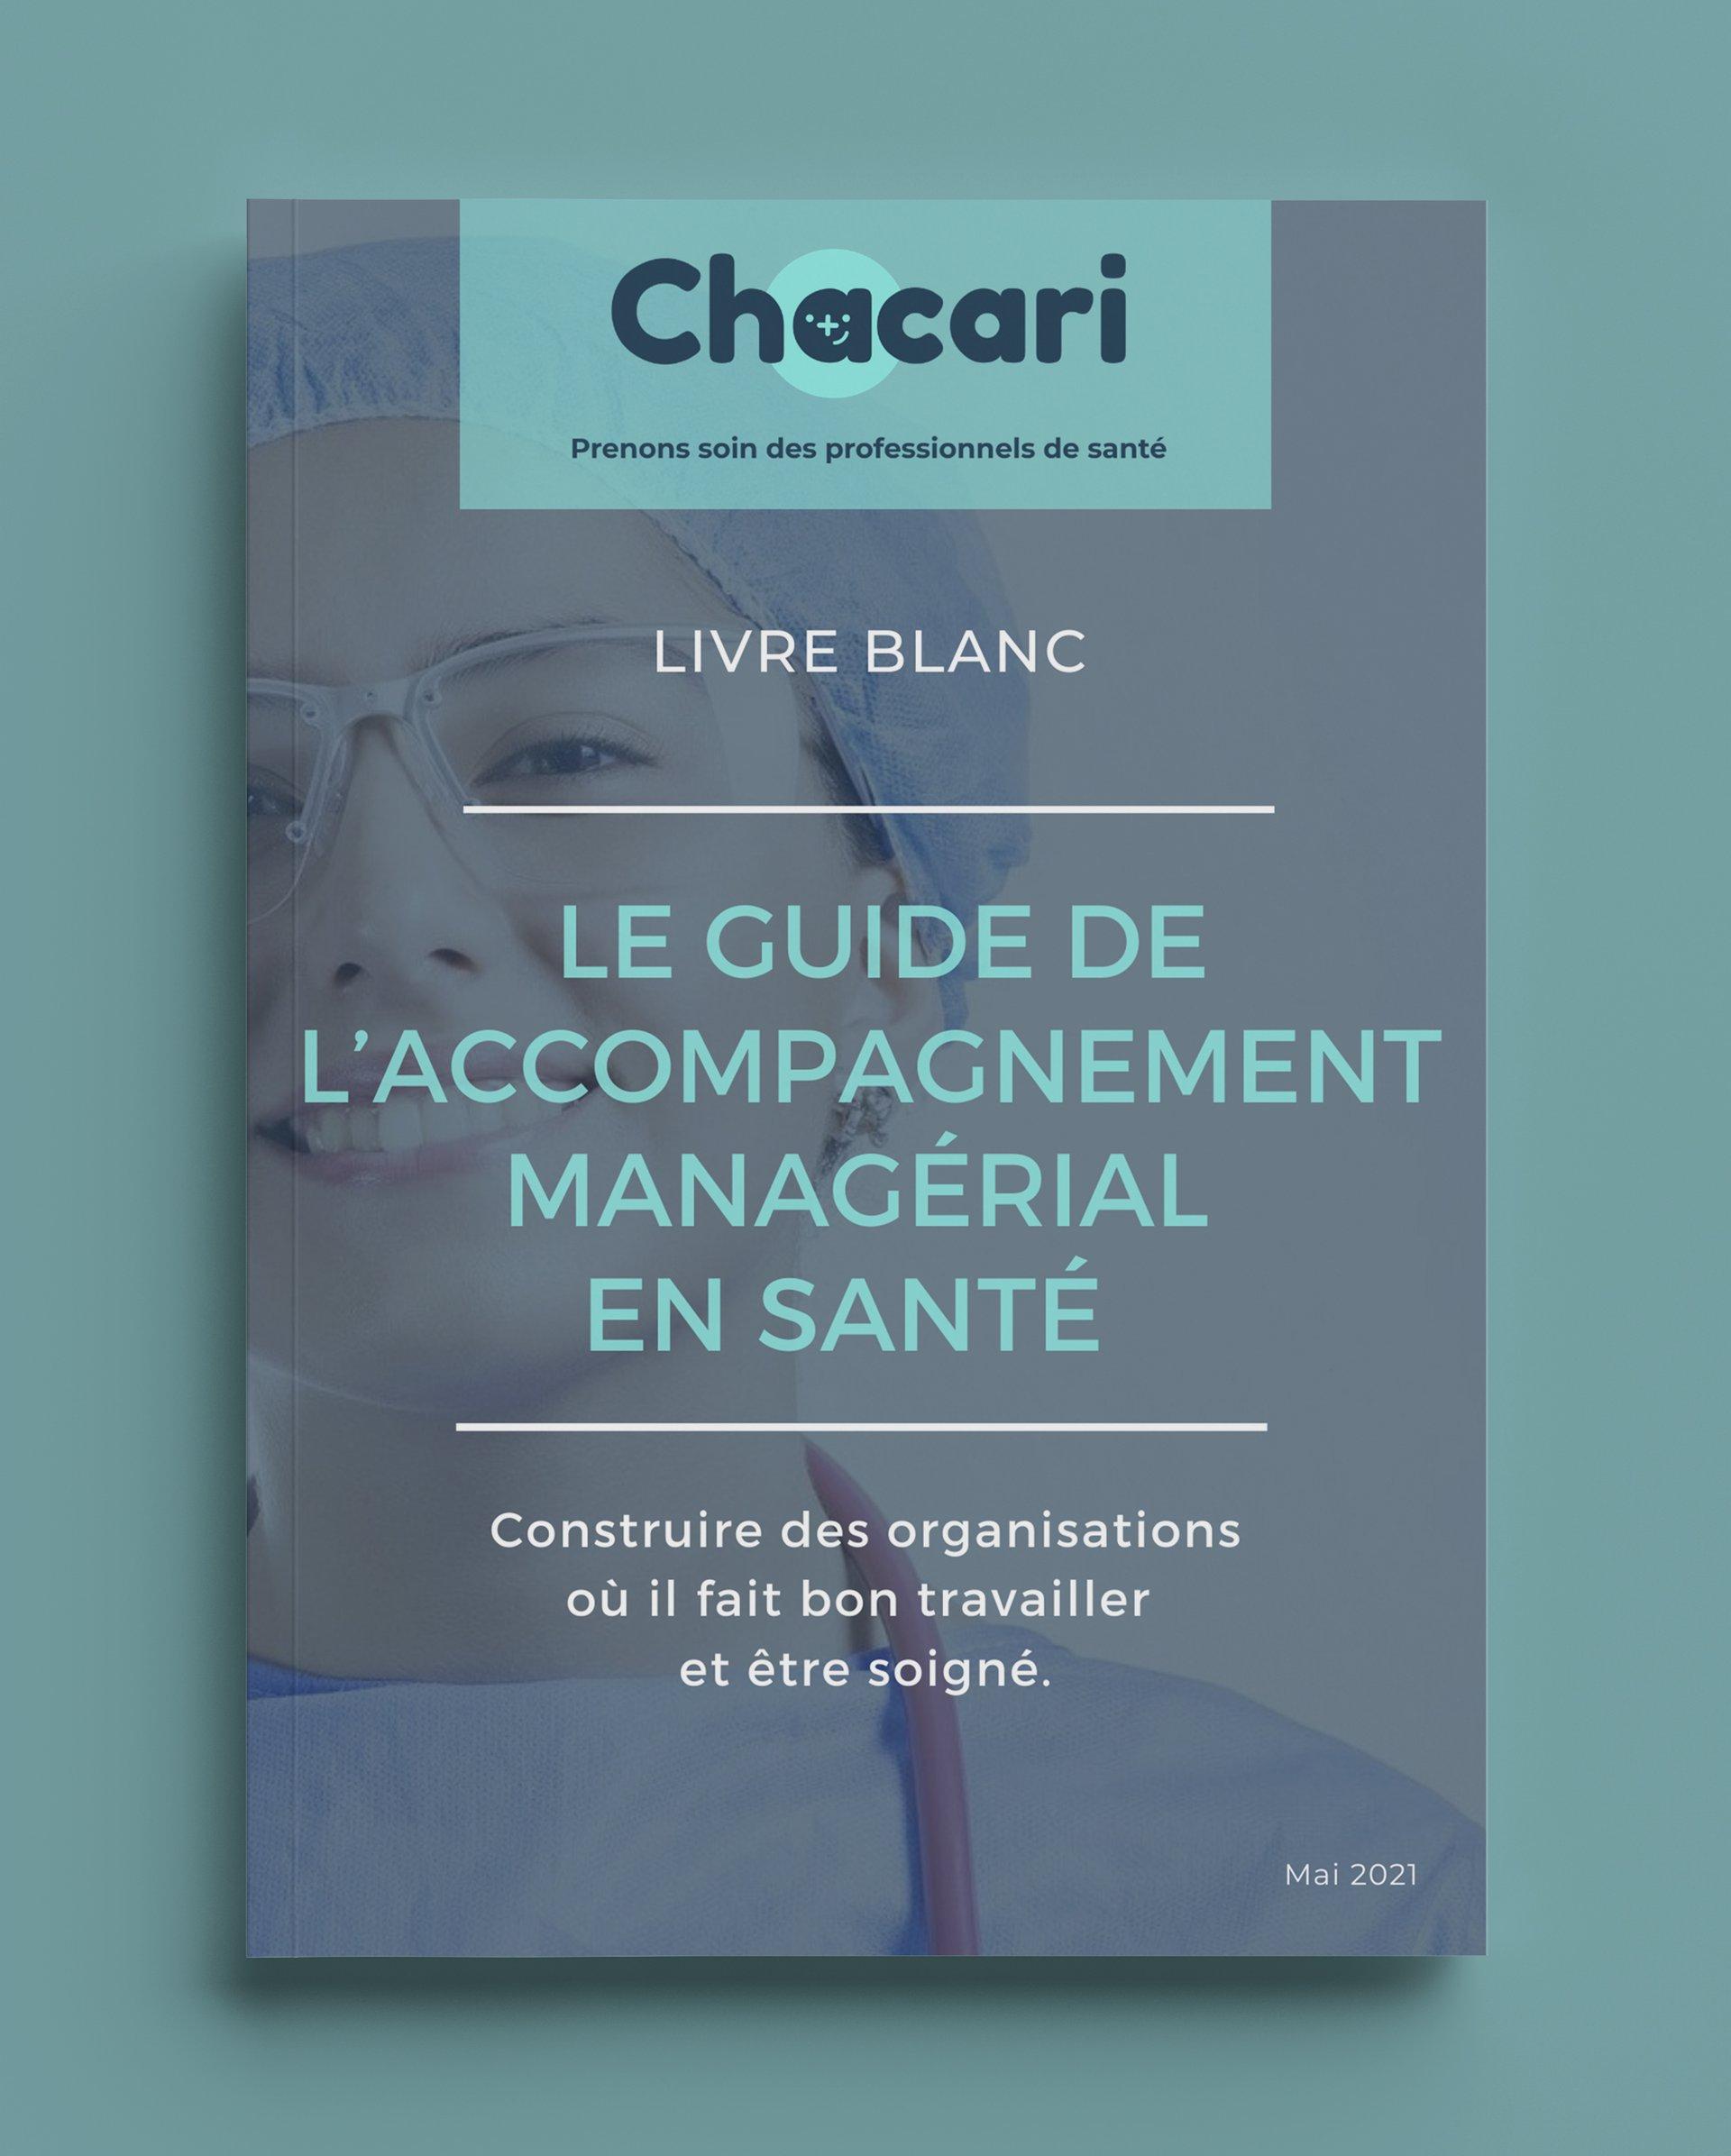 Le Guide de l'Accompagnement Managérial en Santé